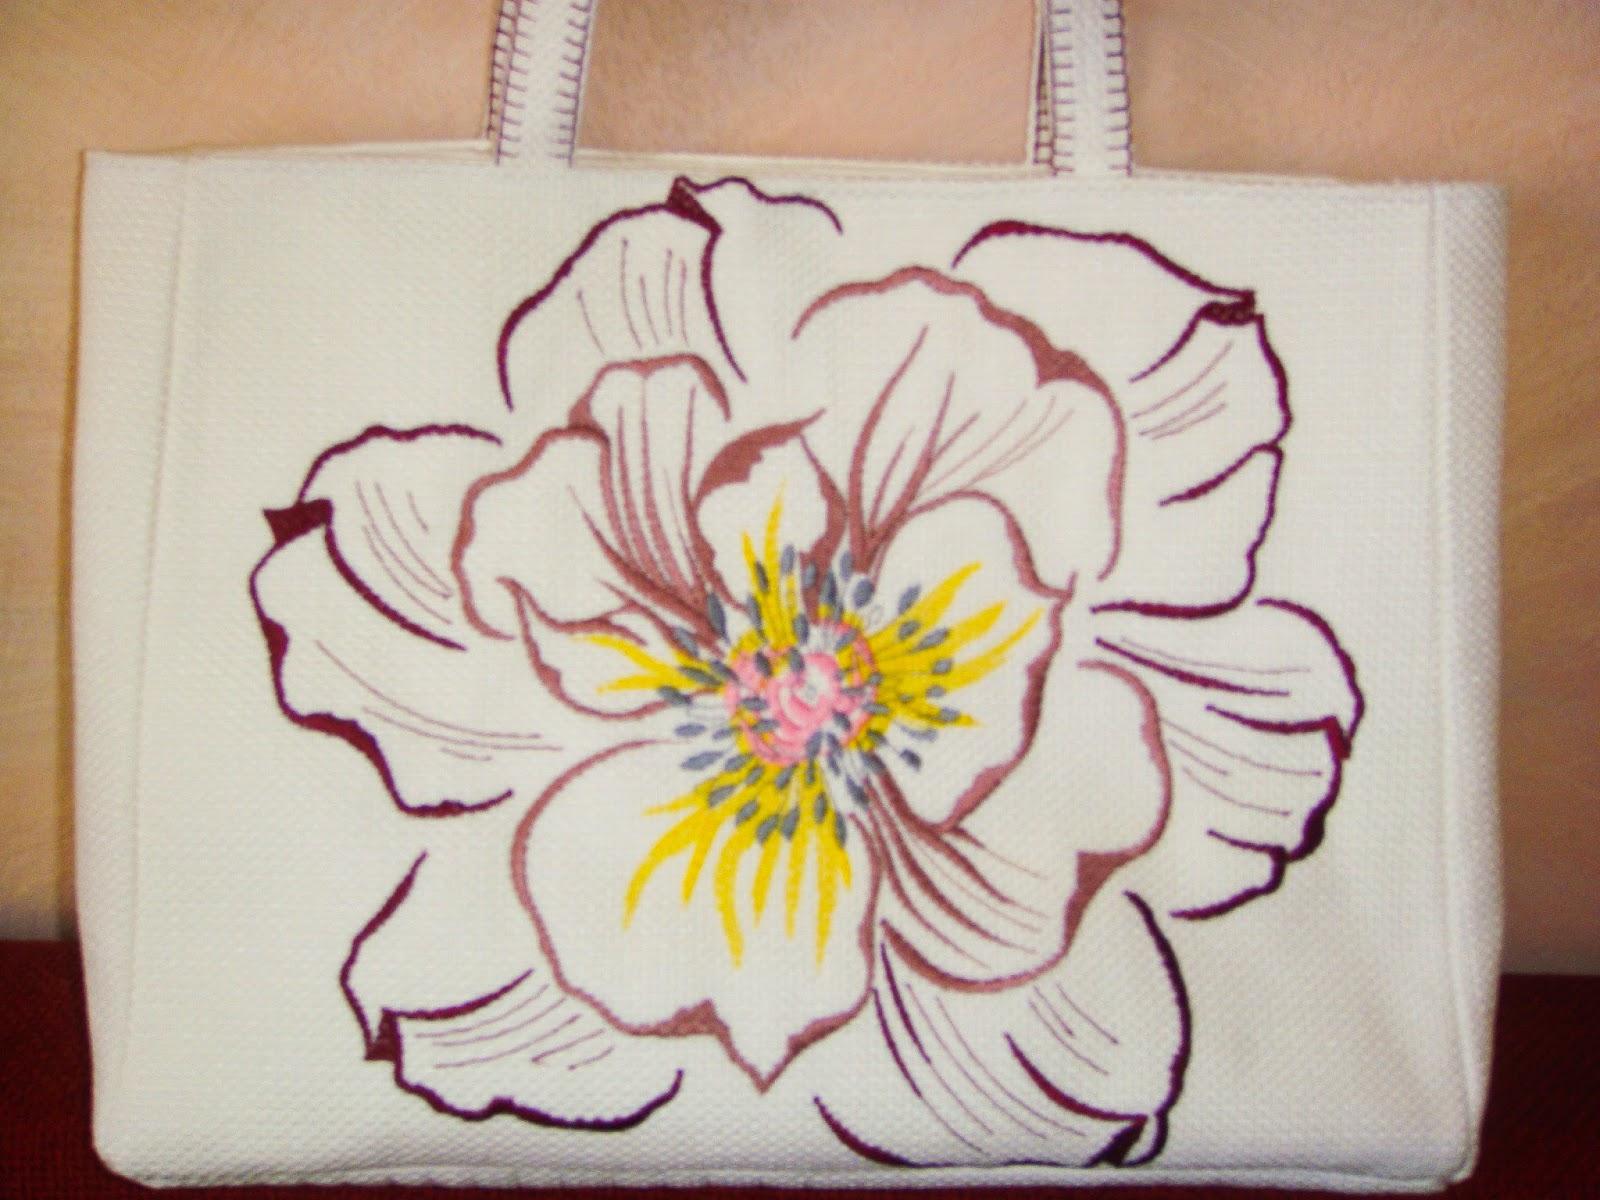 вышитые сумки, льняные сумки, сумка из льна, льнаные сумки своими руками, сумка через плечо, сумки своими руками